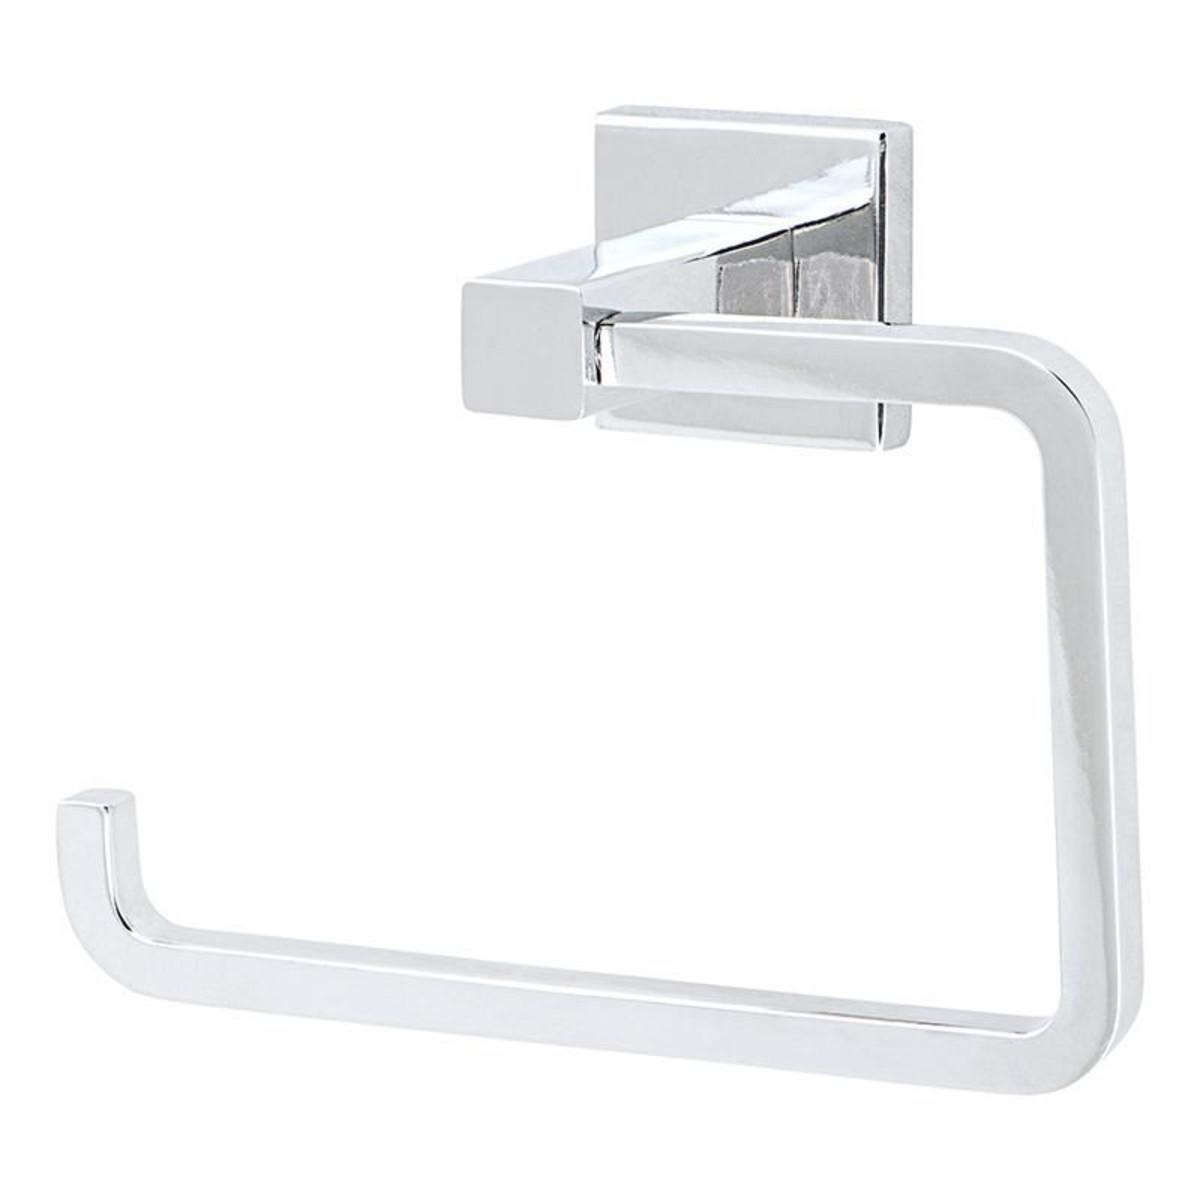 Держатель для туалетной бумаги Sensea «Quaddro» без крышки цвет хром